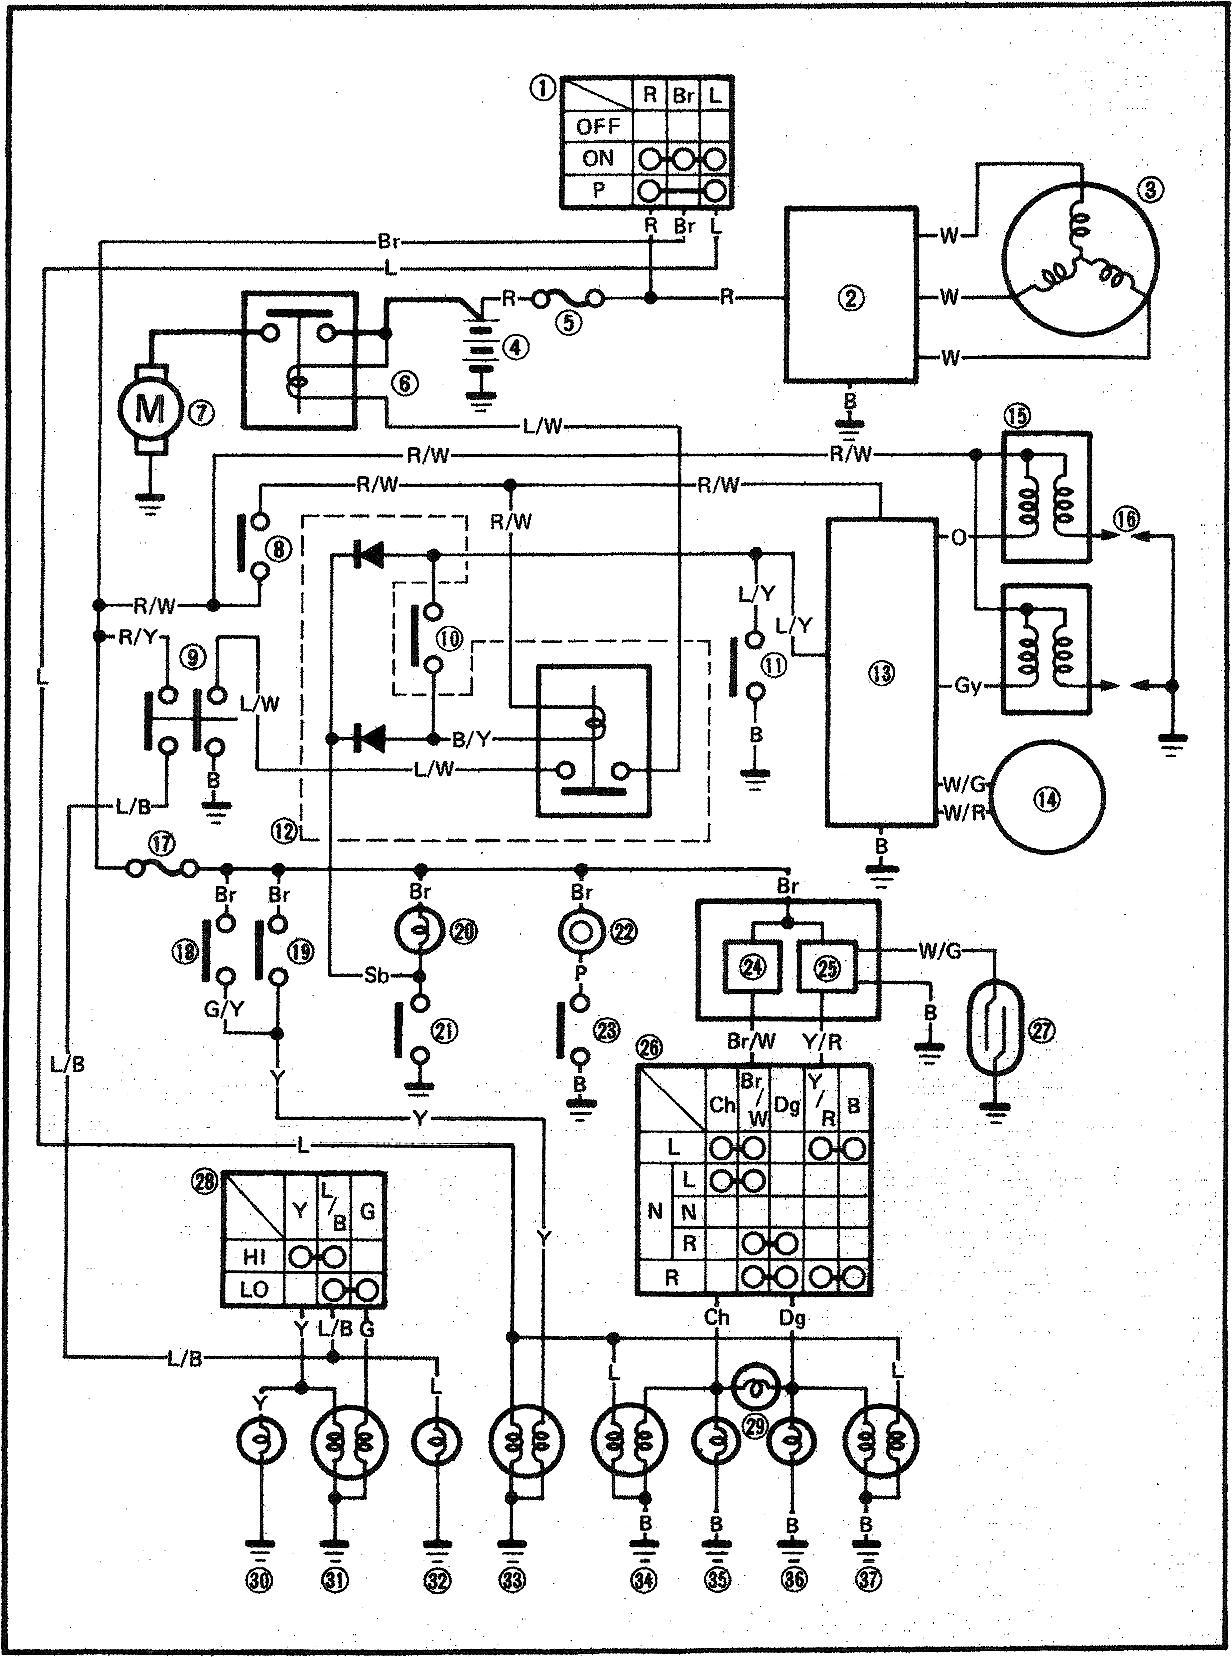 kubota denso 131800 8012 wiring diagram wiring diagrams